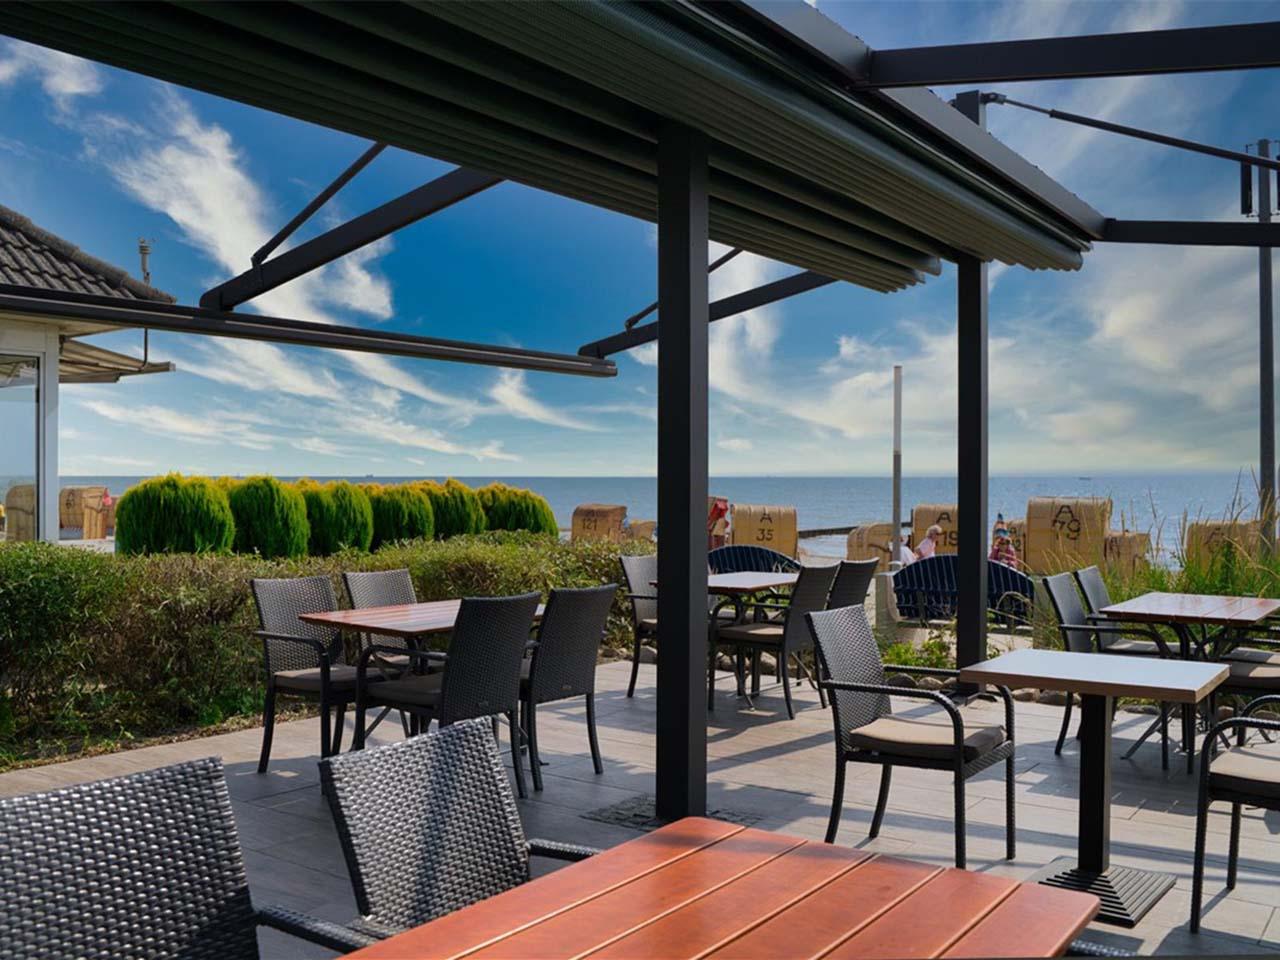 palmiye terrassenueberdachung gastronomie biergaerten freiflaechen marine 01 - Terrassenüberdachung für Biergärten & Freiflächen